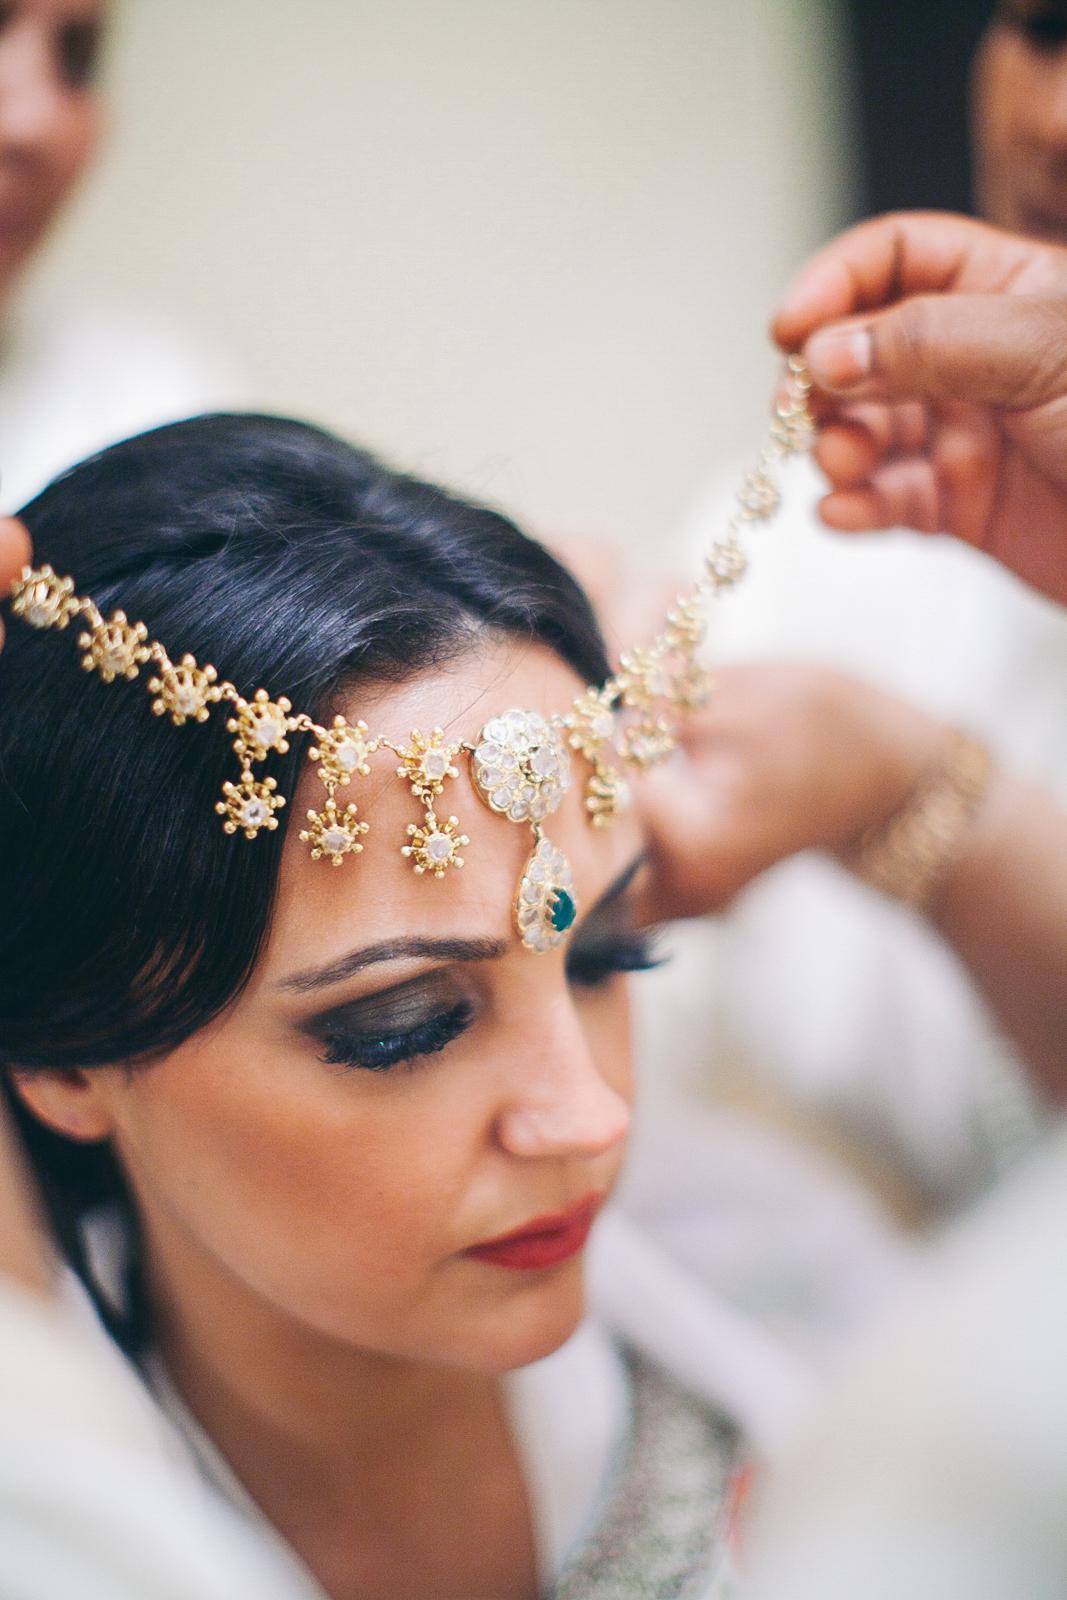 traditional_moroccan_wedding_photographry_casablanca_morocco_houda_vivek_ebony_siovhan_bokeh_photography_103.jpg